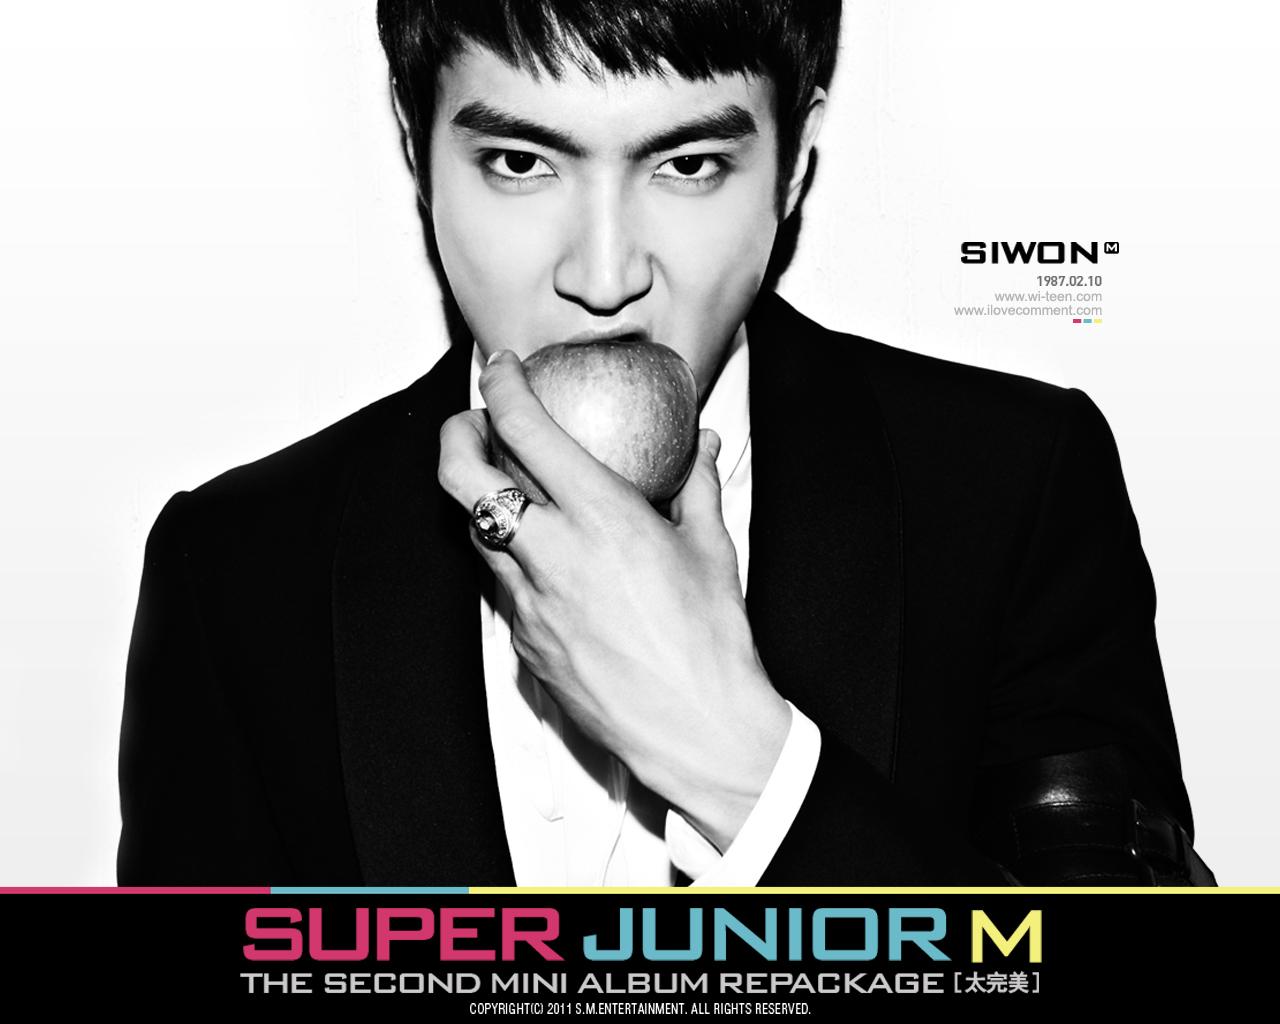 http://3.bp.blogspot.com/-48tA0XKqrcQ/ThF1ELinaiI/AAAAAAAAEyw/PW6dXkM5Pf8/s1600/SJ-M-Siwon_1280.jpg